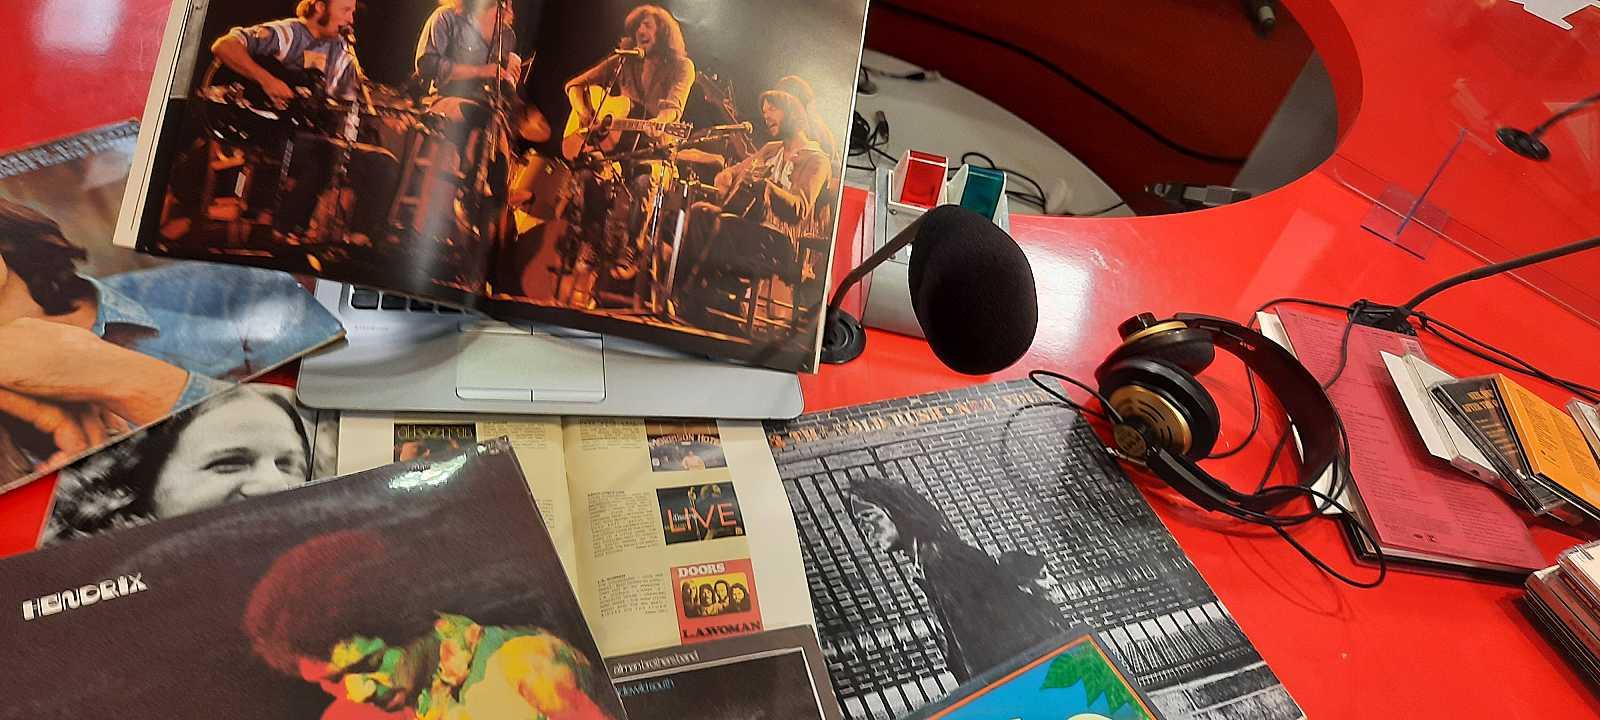 Como lo oyes - 50 años ha (Norteamérica) - 09/09/20 - escuchar ahora